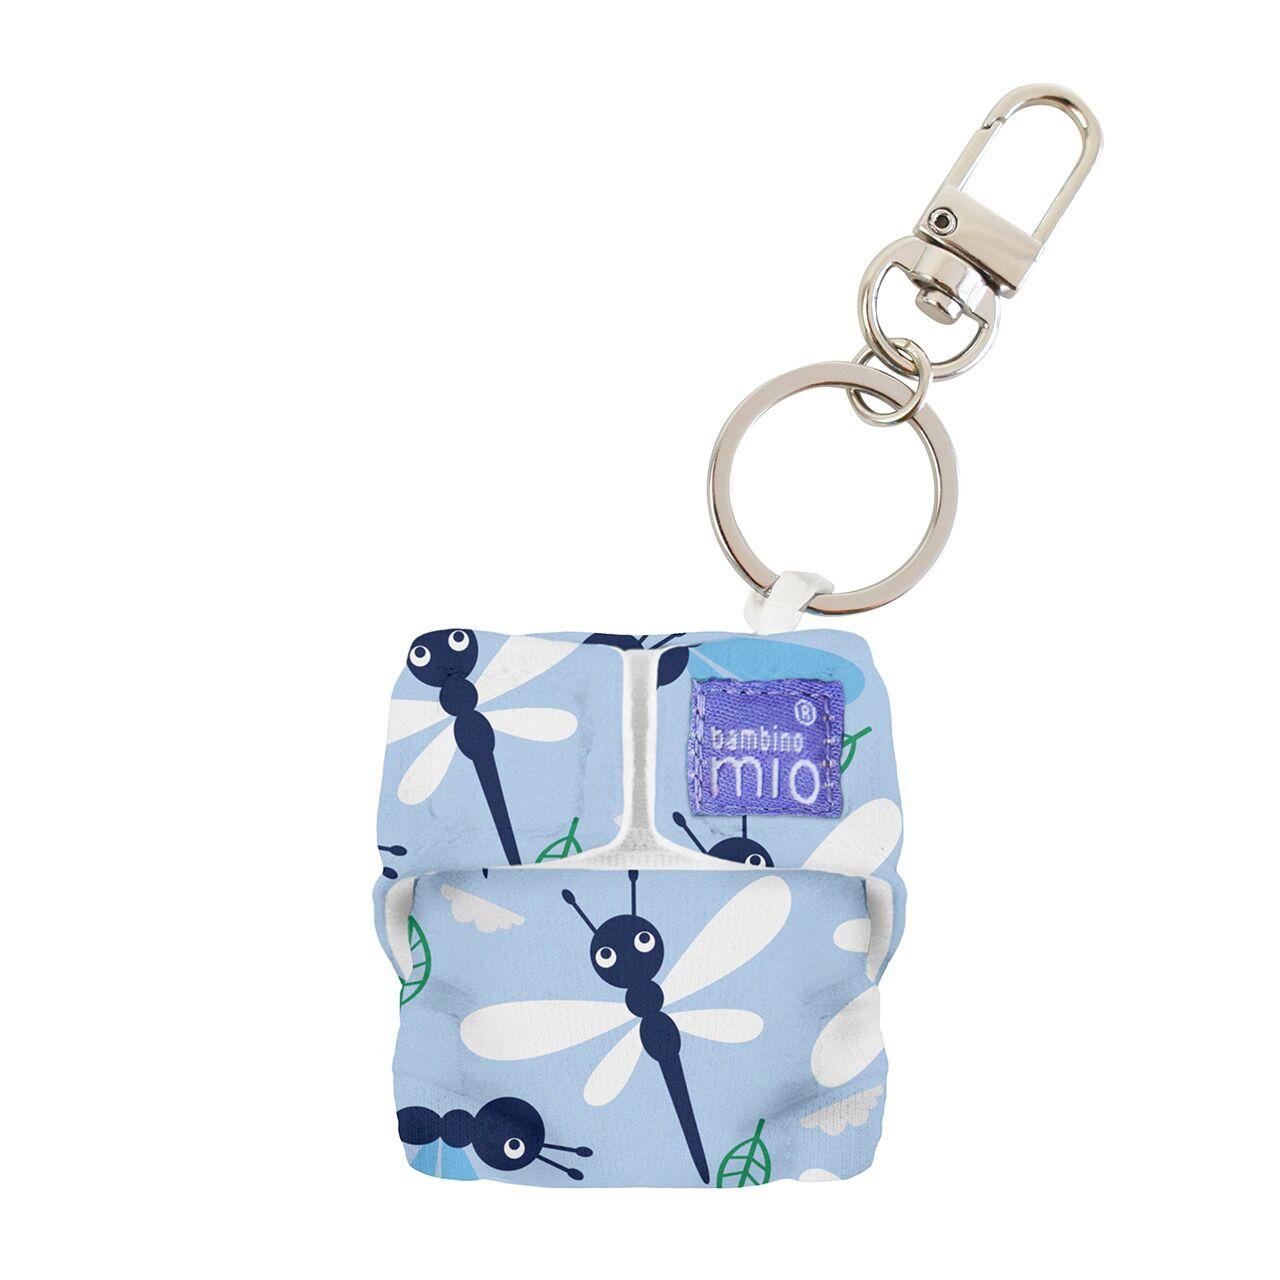 Kľúčenka Minisolo Bambino Mio, Dragonfly Daze